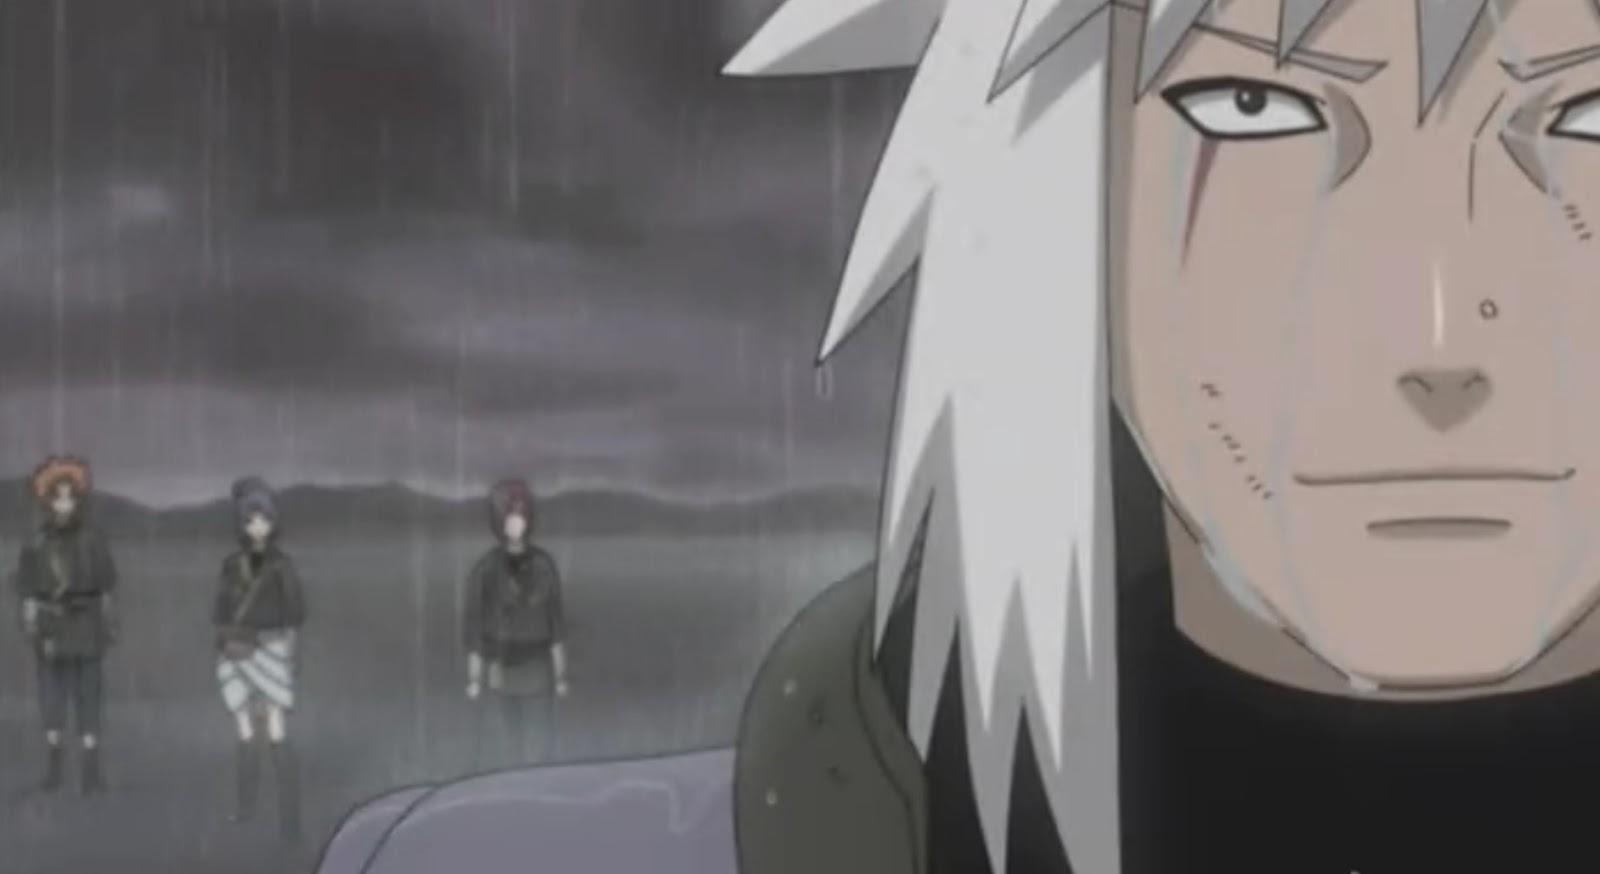 Naruto Shippuden Episódio 128, Naruto Shippuden Episódio 128, Assistir Naruto Shippuden Todos os Episódios Legendado, Naruto Shippuden episódio 128,HD